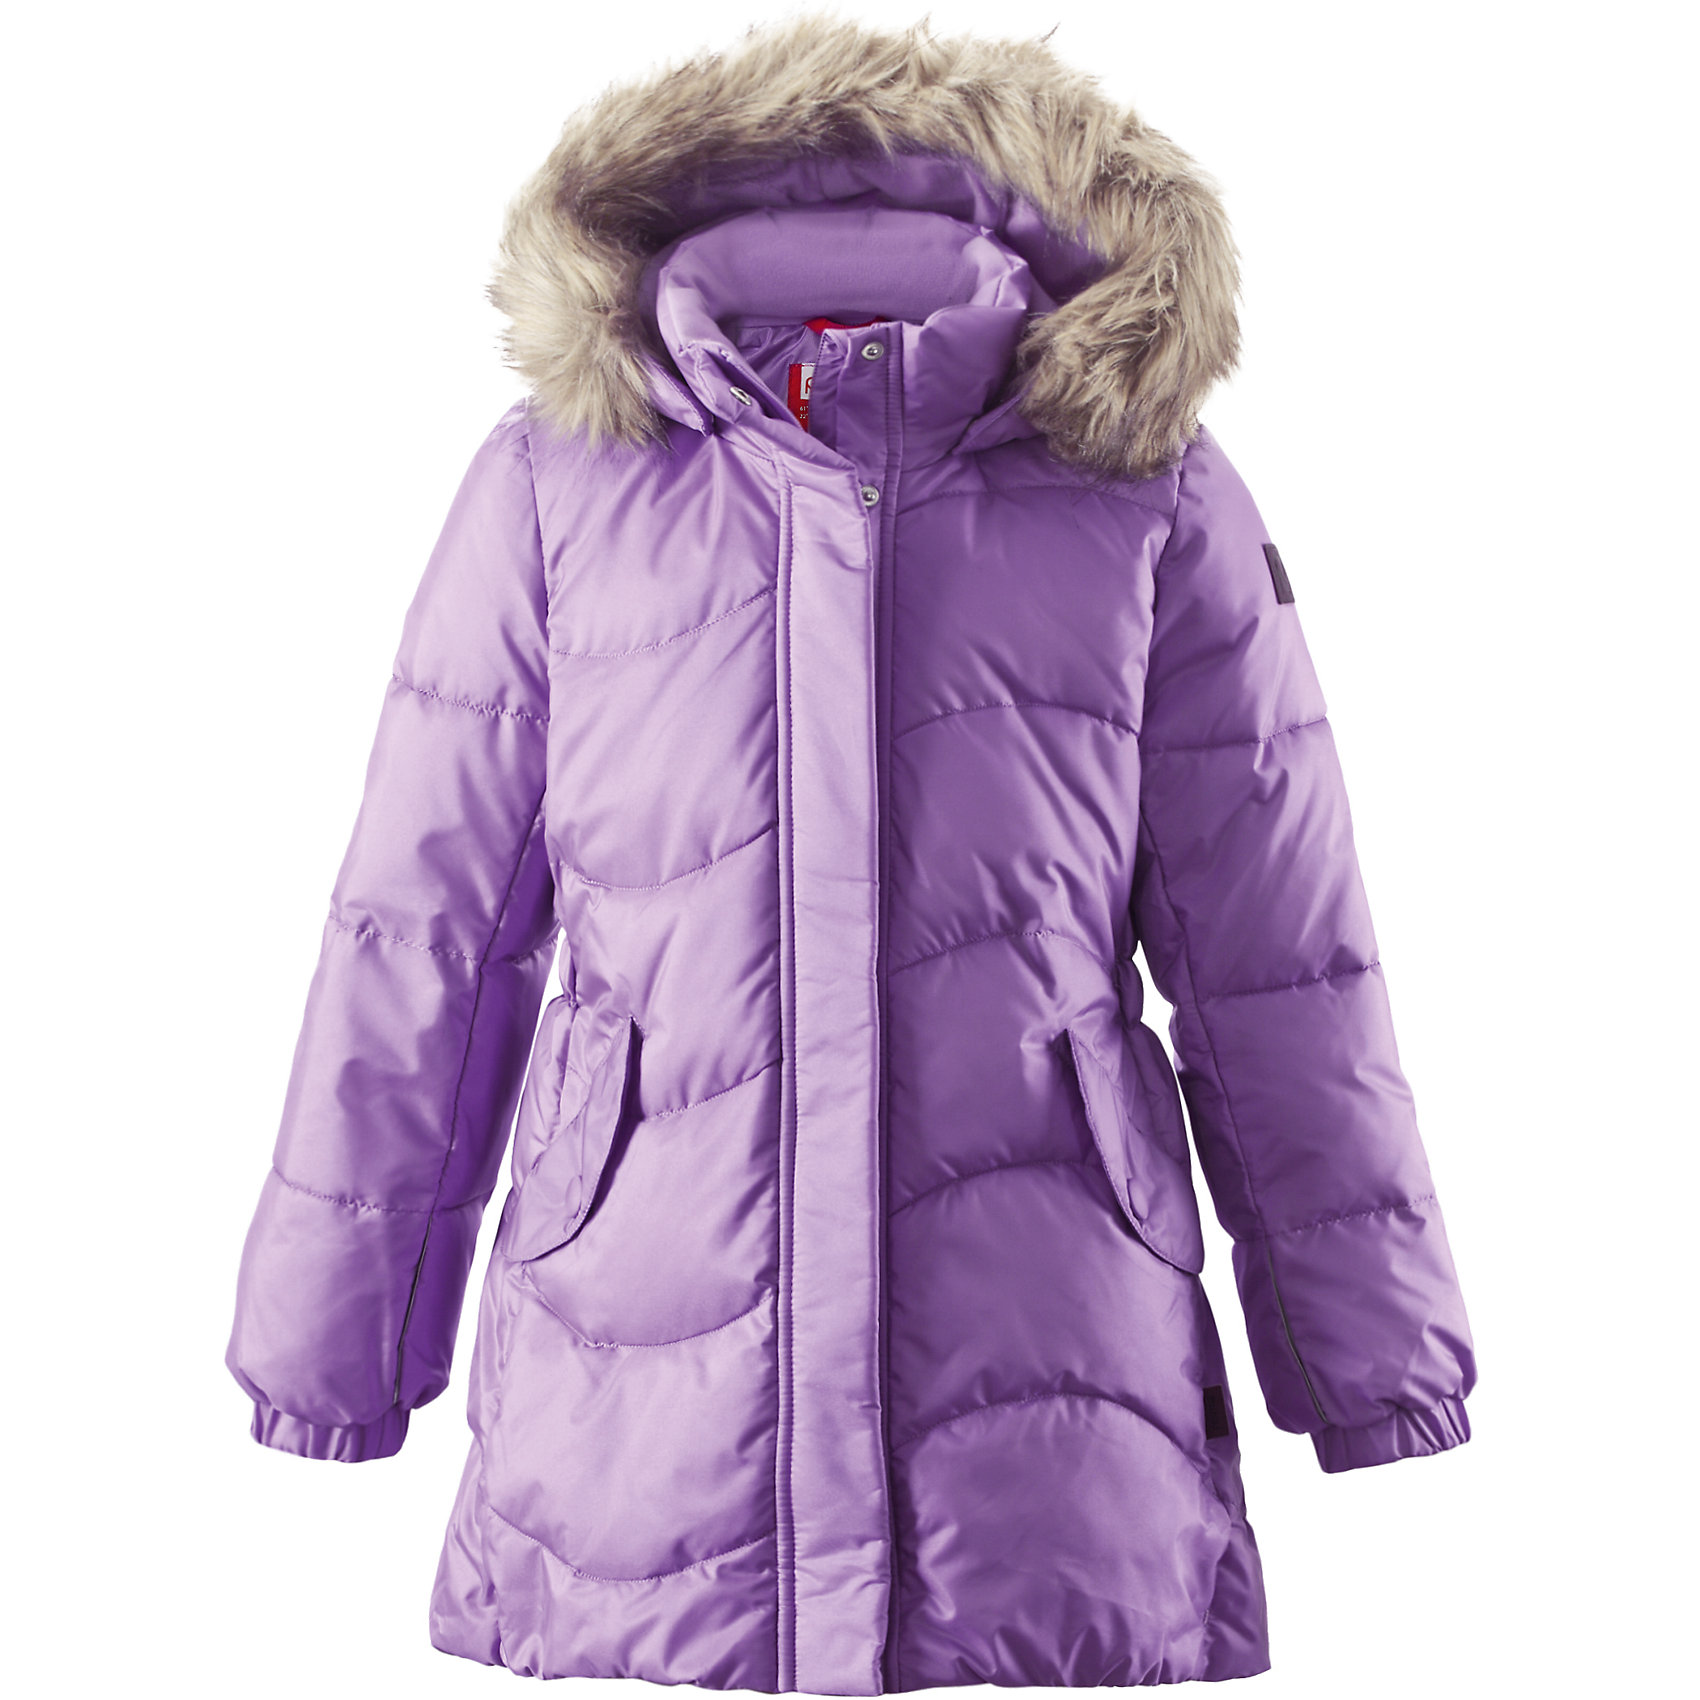 Пальто для девочки ReimaПальто для девочки Reima<br>Зимняя куртка для подростков. Водоотталкивающий, ветронепроницаемый, «дышащий» и грязеотталкивающий материал. Крой для девочек. Гладкая подкладка из полиэстра. Имитация пуха. Безопасный съемный капюшон с отсоединяемой меховой каймой из искусственного меха. Эластичные манжеты. Эластичная талия. Два кармана с клапанами. Безопасные светоотражающие элементы. Петля для дополнительных светоотражающих деталей.<br>Утеплитель: Reima® Pearl insulation,170 g<br>Уход:<br>Стирать по отдельности, вывернув наизнанку. Перед стиркой отстегните искусственный мех. Застегнуть молнии и липучки. Стирать моющим средством, не содержащим отбеливающие вещества. Полоскать без специального средства. Во избежание изменения цвета изделие необходимо вынуть из стиральной машинки незамедлительно после окончания программы стирки. Сушить при низкой температуре.<br>Состав:<br>65% Полиамид, 35% Полиэстер, полиуретановое покрытие<br><br>Ширина мм: 356<br>Глубина мм: 10<br>Высота мм: 245<br>Вес г: 519<br>Цвет: фиолетовый<br>Возраст от месяцев: 72<br>Возраст до месяцев: 84<br>Пол: Женский<br>Возраст: Детский<br>Размер: 122,128,152,140,110,158,164,116,134,146,104<br>SKU: 4778291